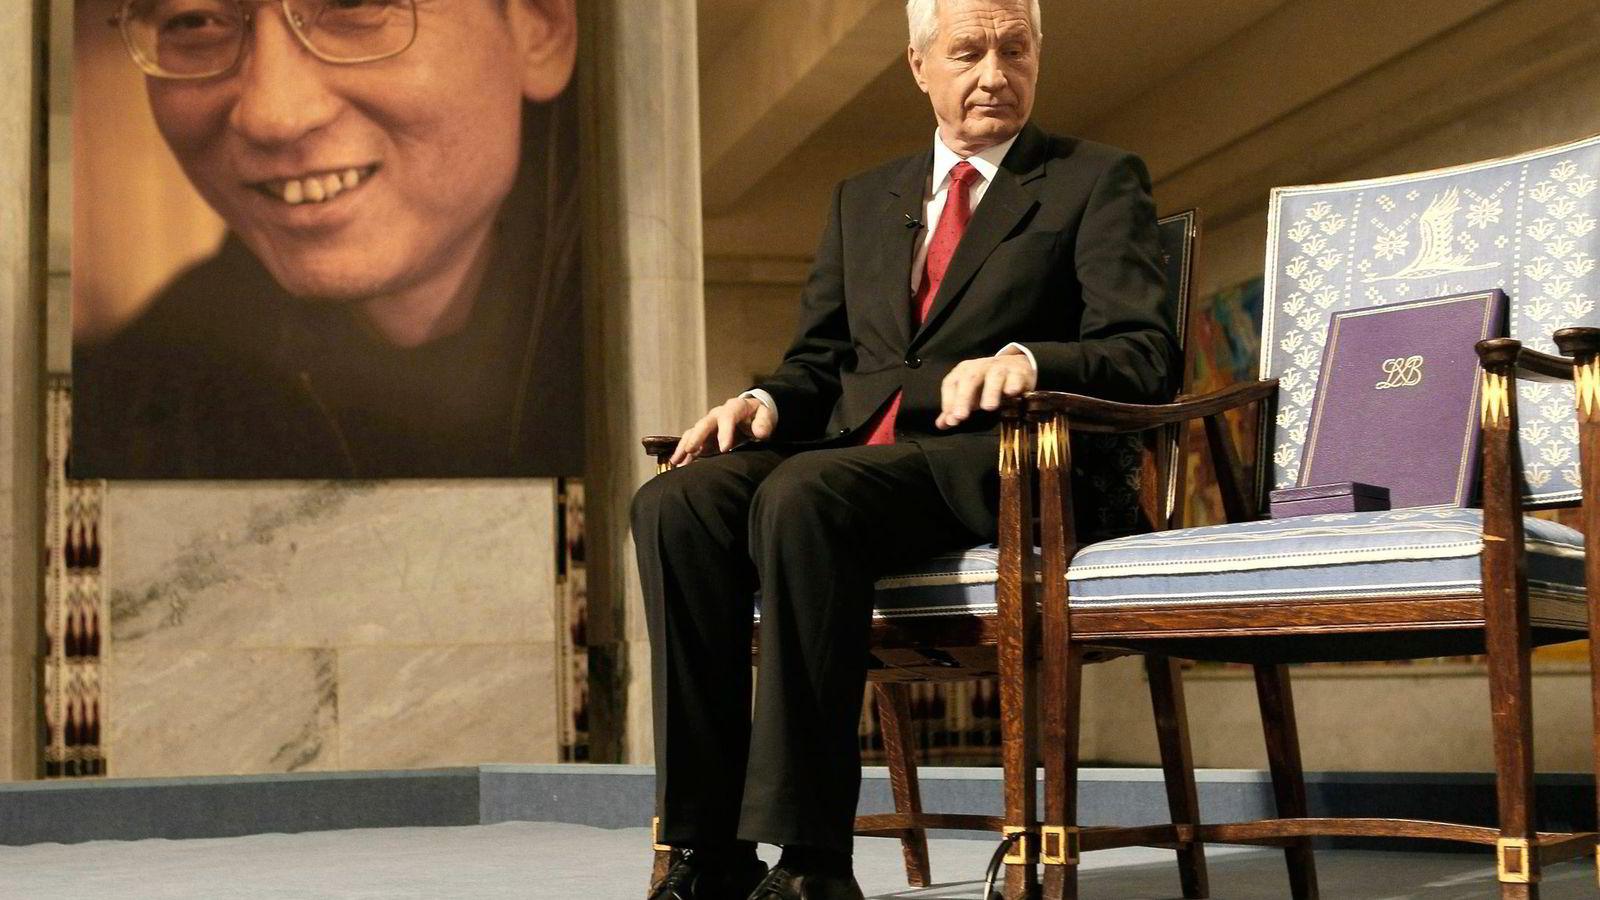 Thorbjørn Jagland, daværende leder av Nobelkomiteen, under tildelingen av Nobels fredspris i 2010, som satte Norges forhold til Kina på prøve. Foto: Heiko Junge/AP/NTB Scanpix